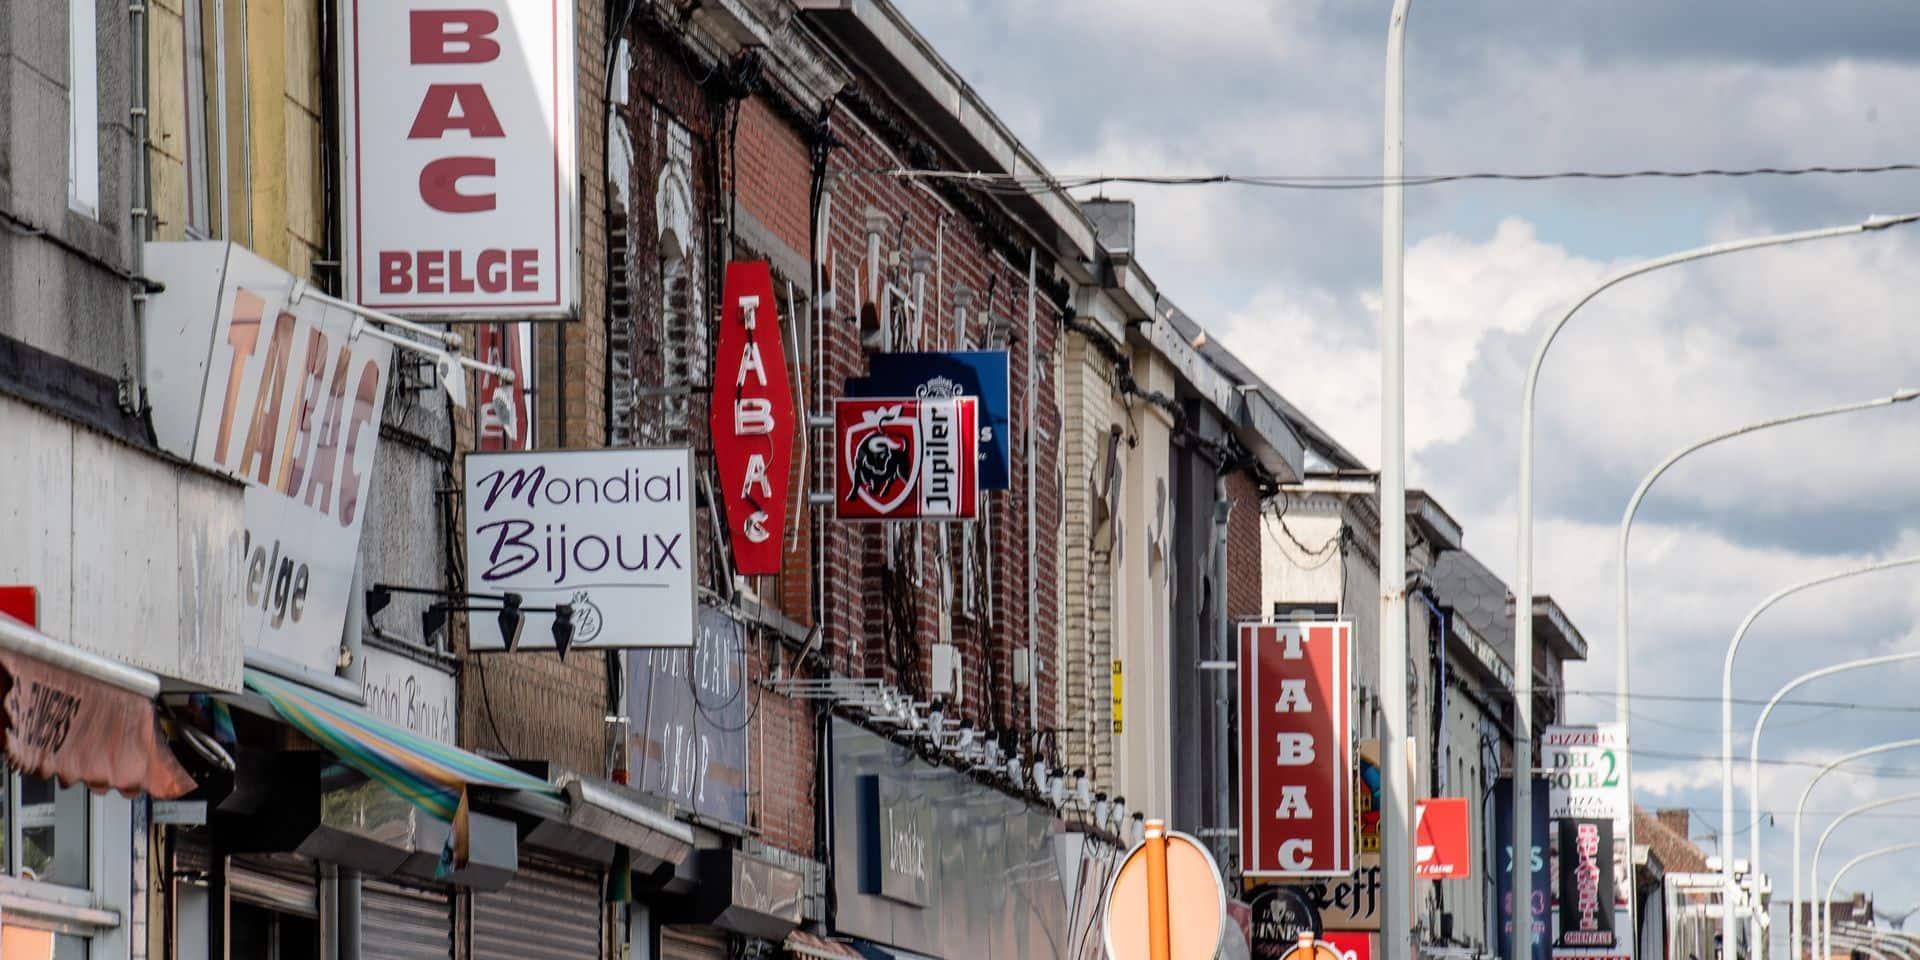 Quievrain - Gare et ville de Quievrain a al veille du 21 juillet 2019 - Ville frontaliere - SNCB - Gare - Infrabel - ferroviaire - histoire - tabac - commerce frontalier - ancienne zone douaniere